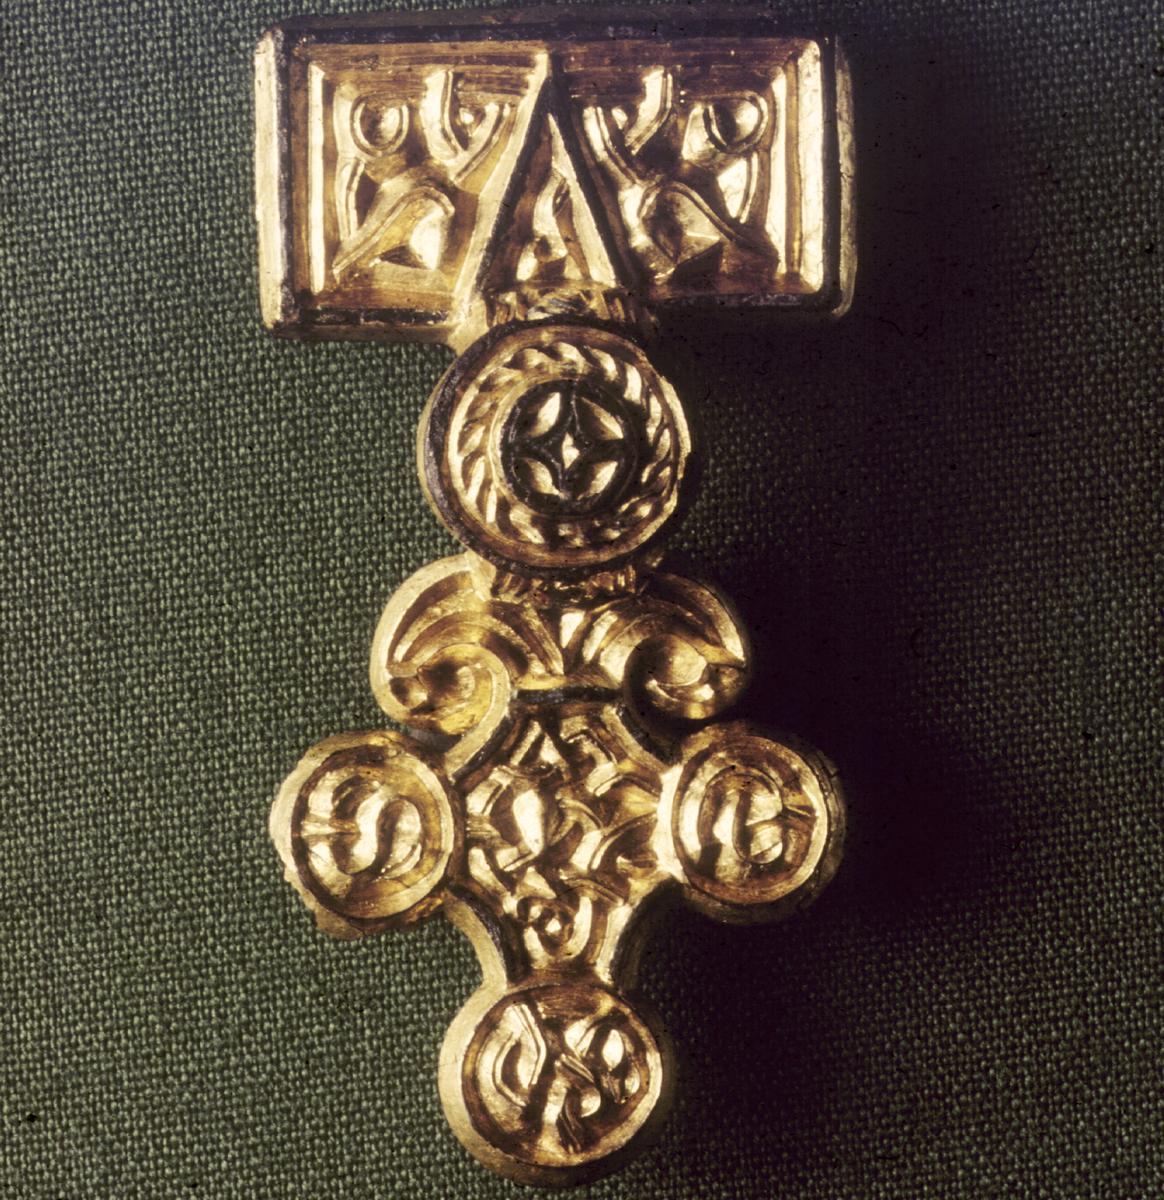 Relieffspenne med runer på baksiden. Fra Eikeland.